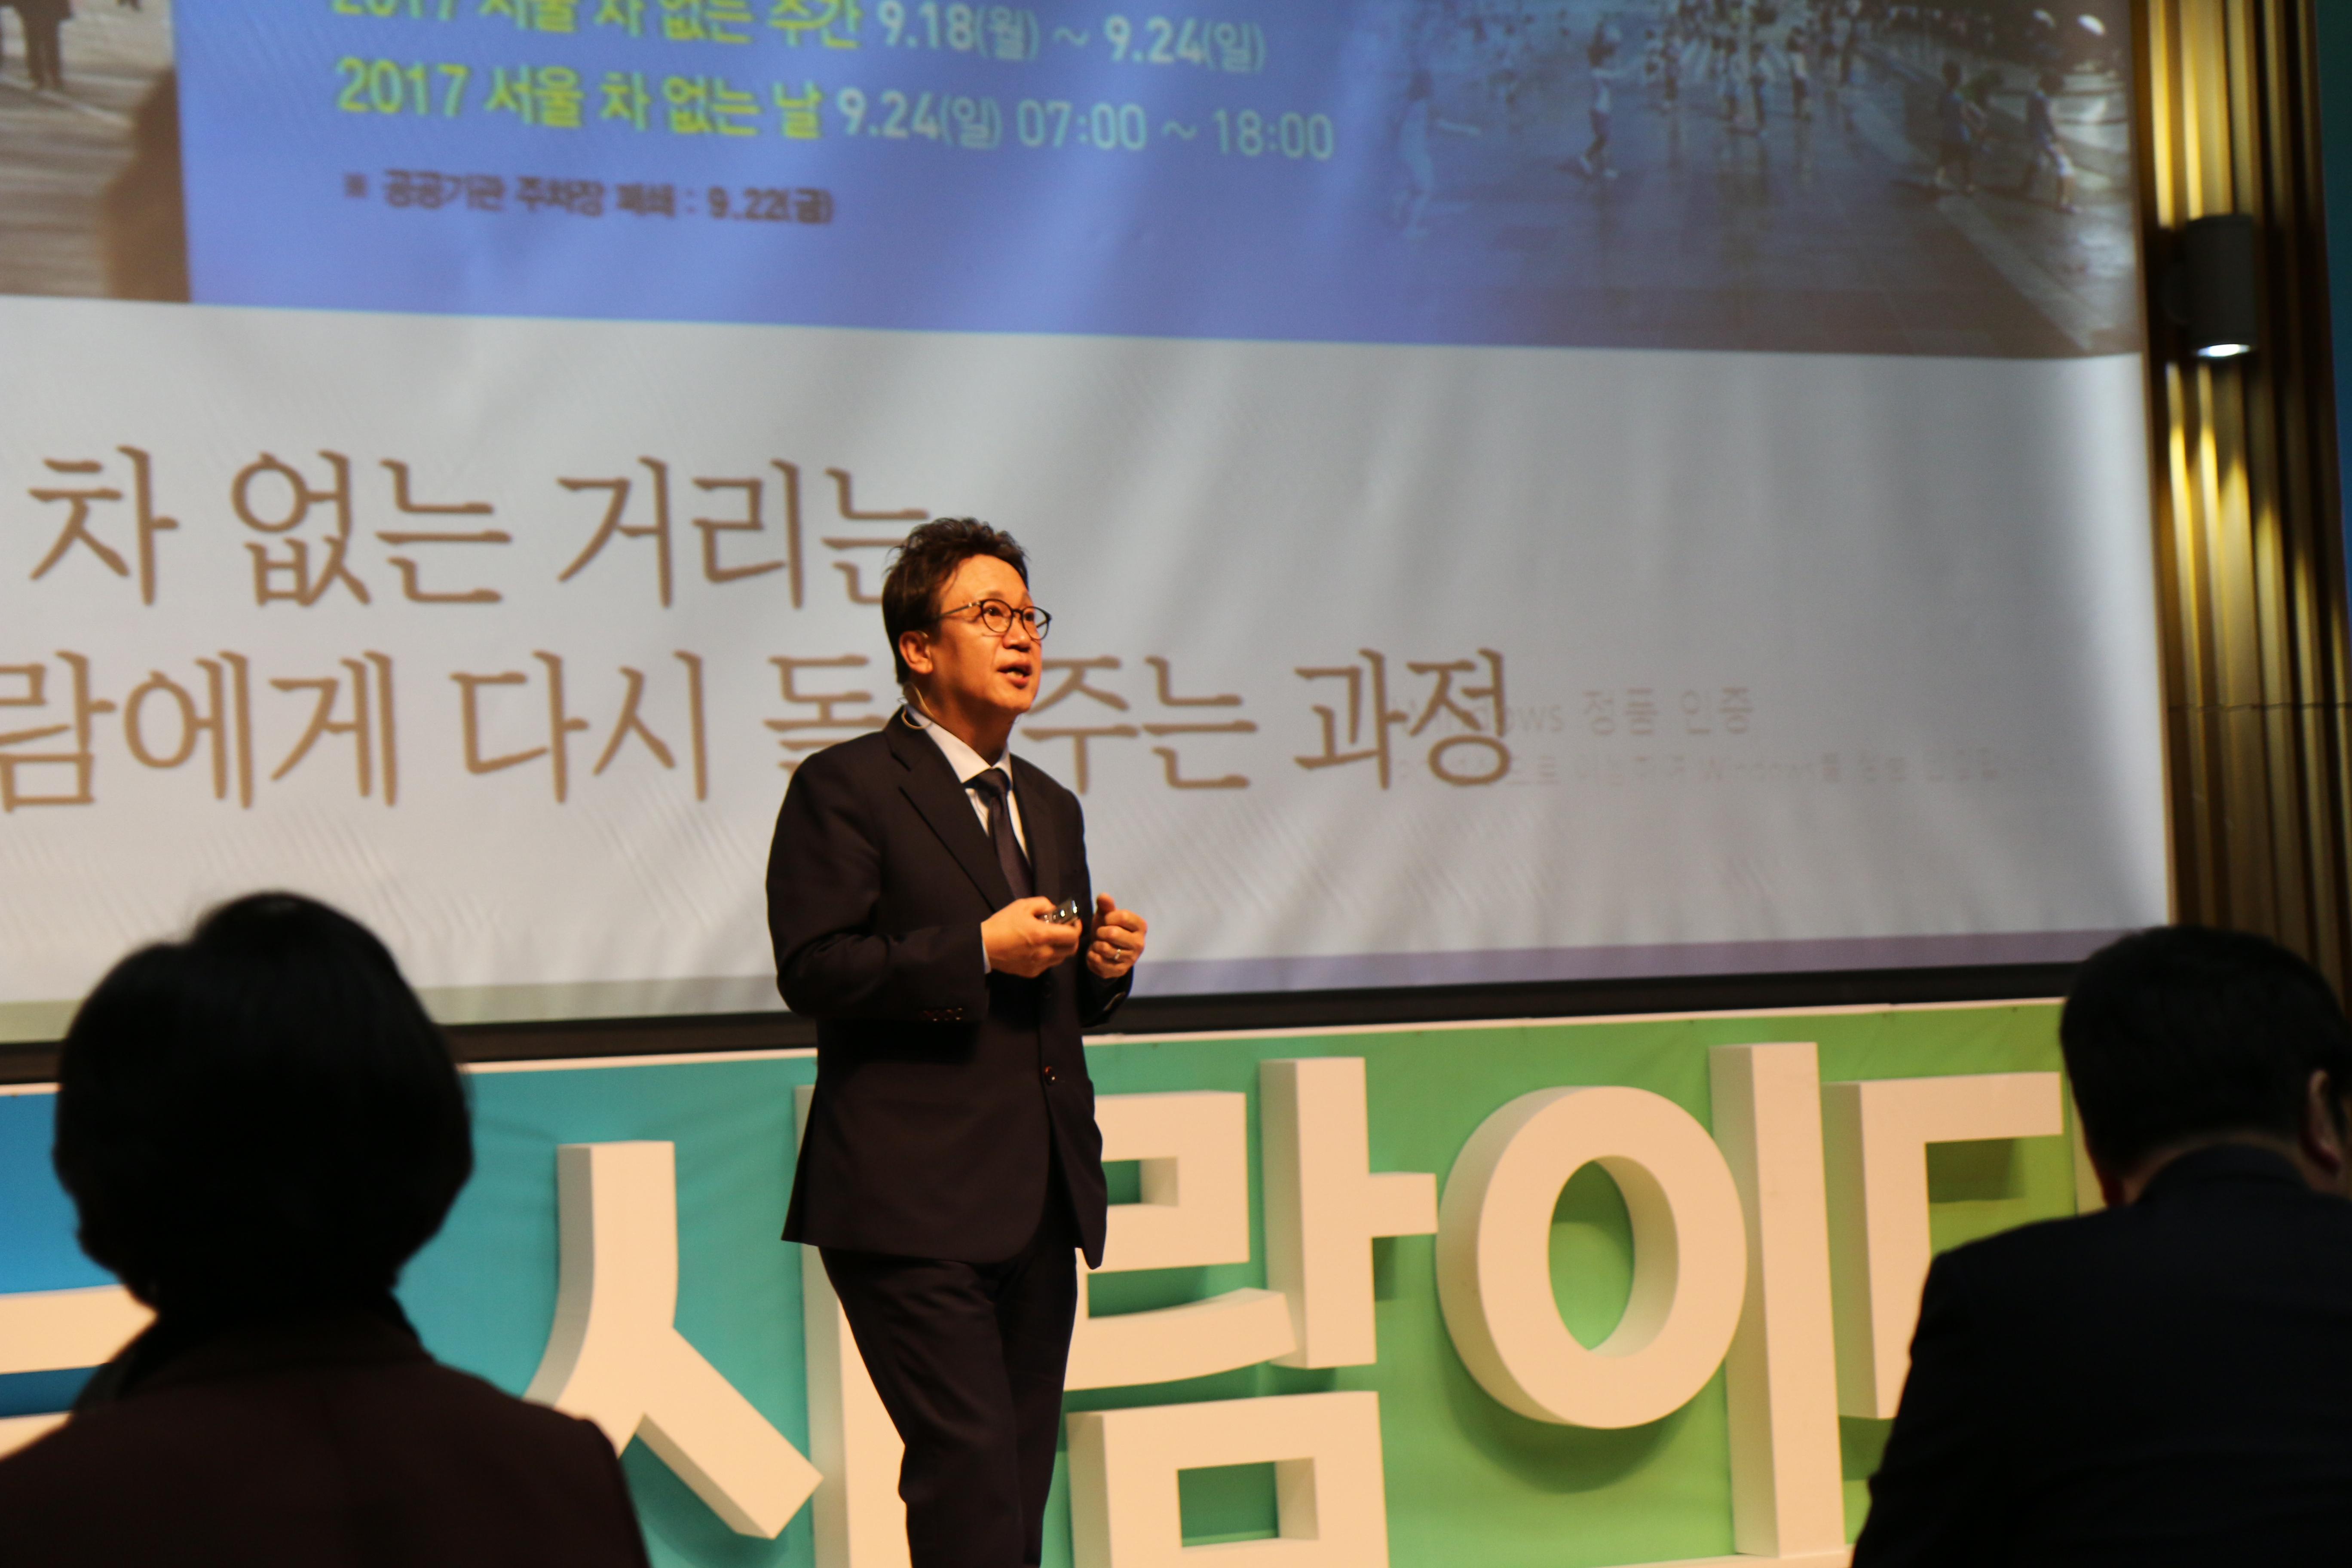 문재인 정부 성공을 위한 서울시장의 역할은? - 도...